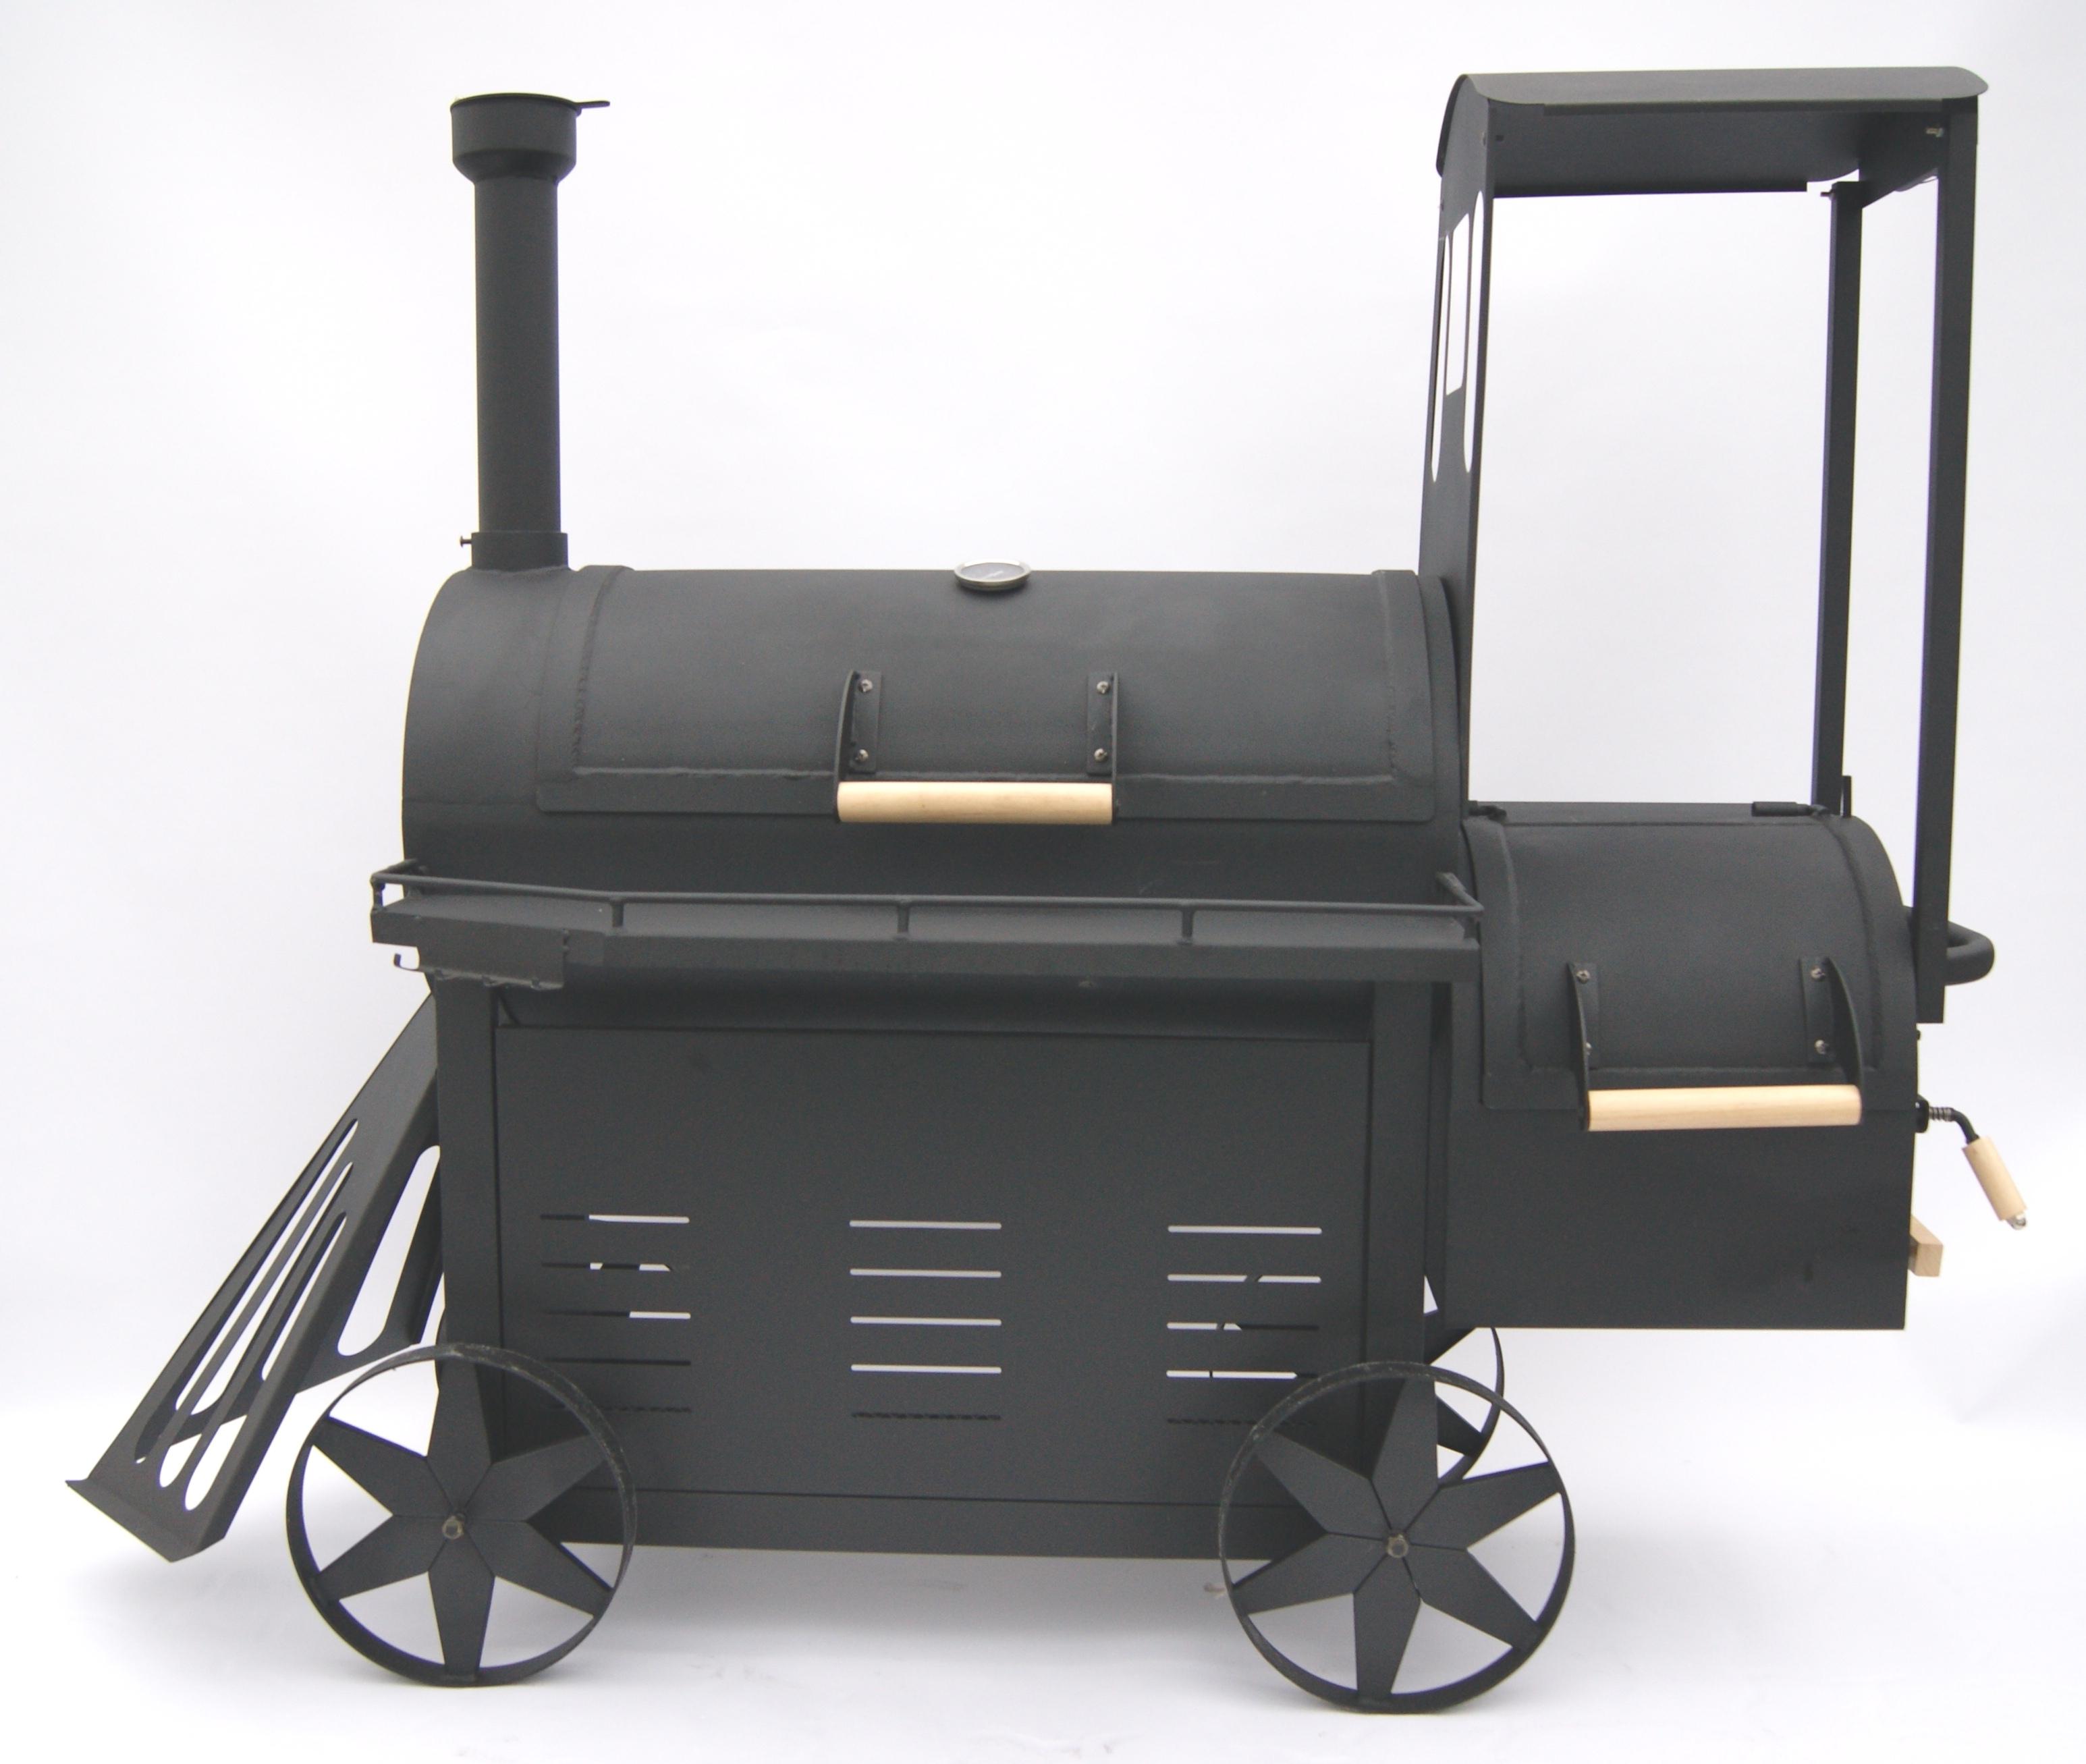 smoker grillwagen lokomotive emma monster grill. Black Bedroom Furniture Sets. Home Design Ideas